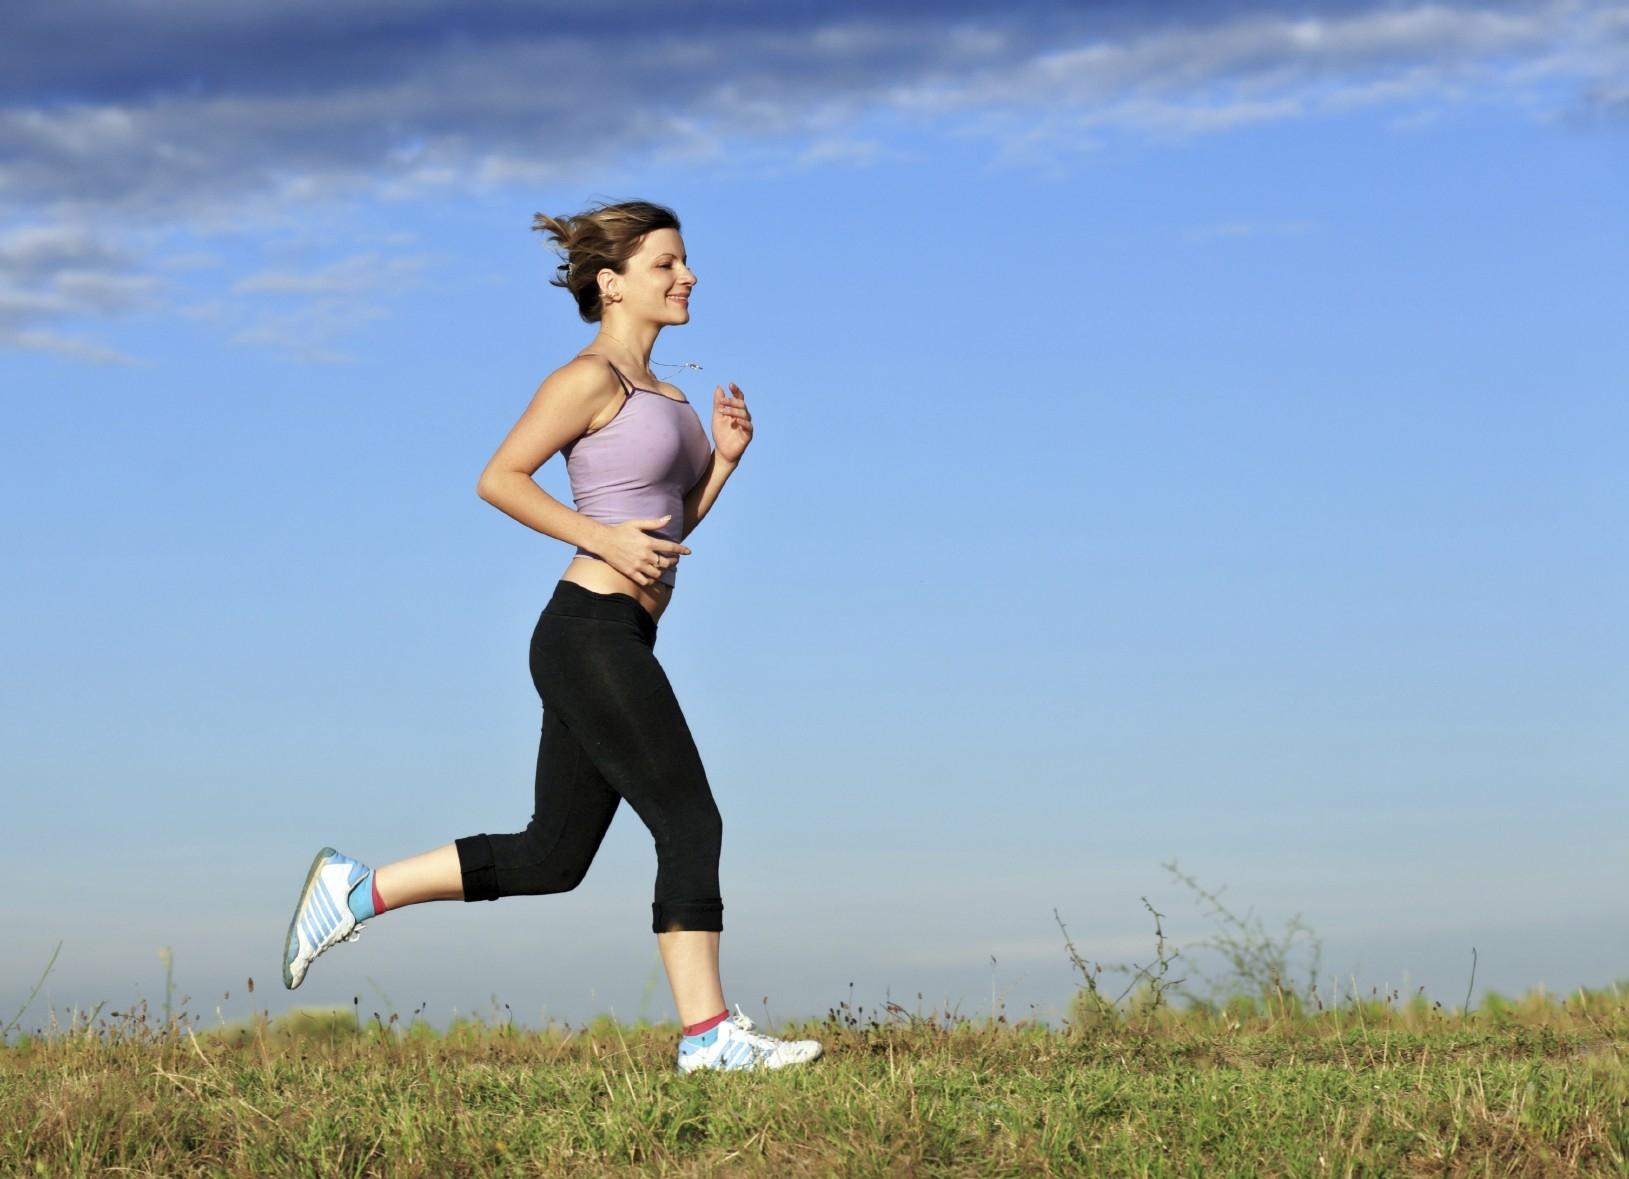 không nên chọn kiểu vận động quá mạnh mà nên kiên nhẫn tập thể dục trong một thời gian dài  Xem thêm tại: http://www.lamsao.com/lam-sao-de-giam-beo-sau-tet-p214a32712.html